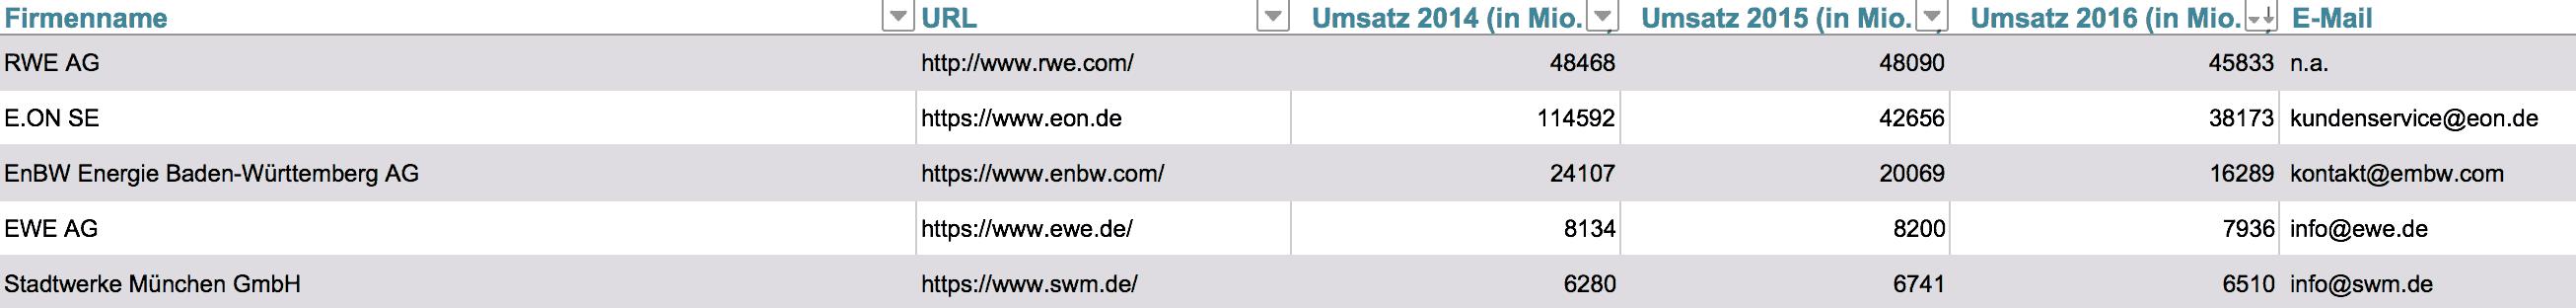 Liste Stromversorger Deutschland